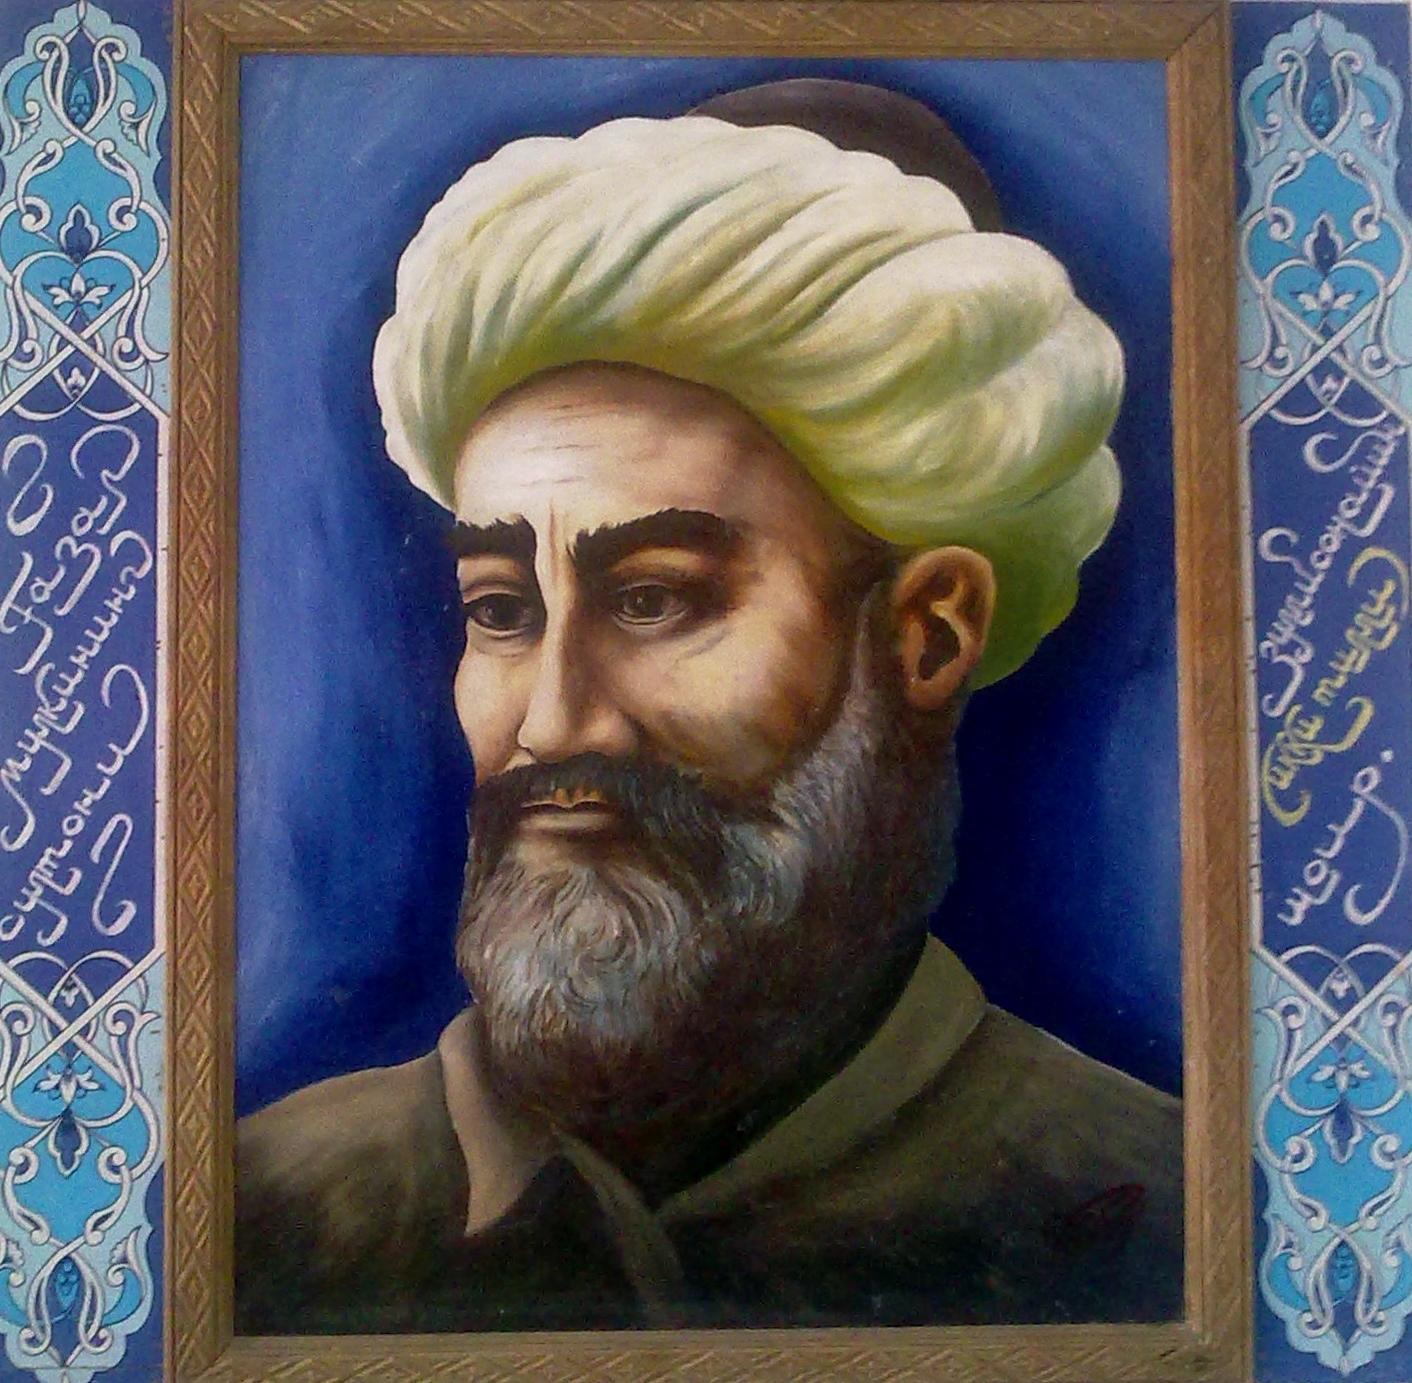 Ali-Shir Nava'i - Wikipedia, the free encyclopedia